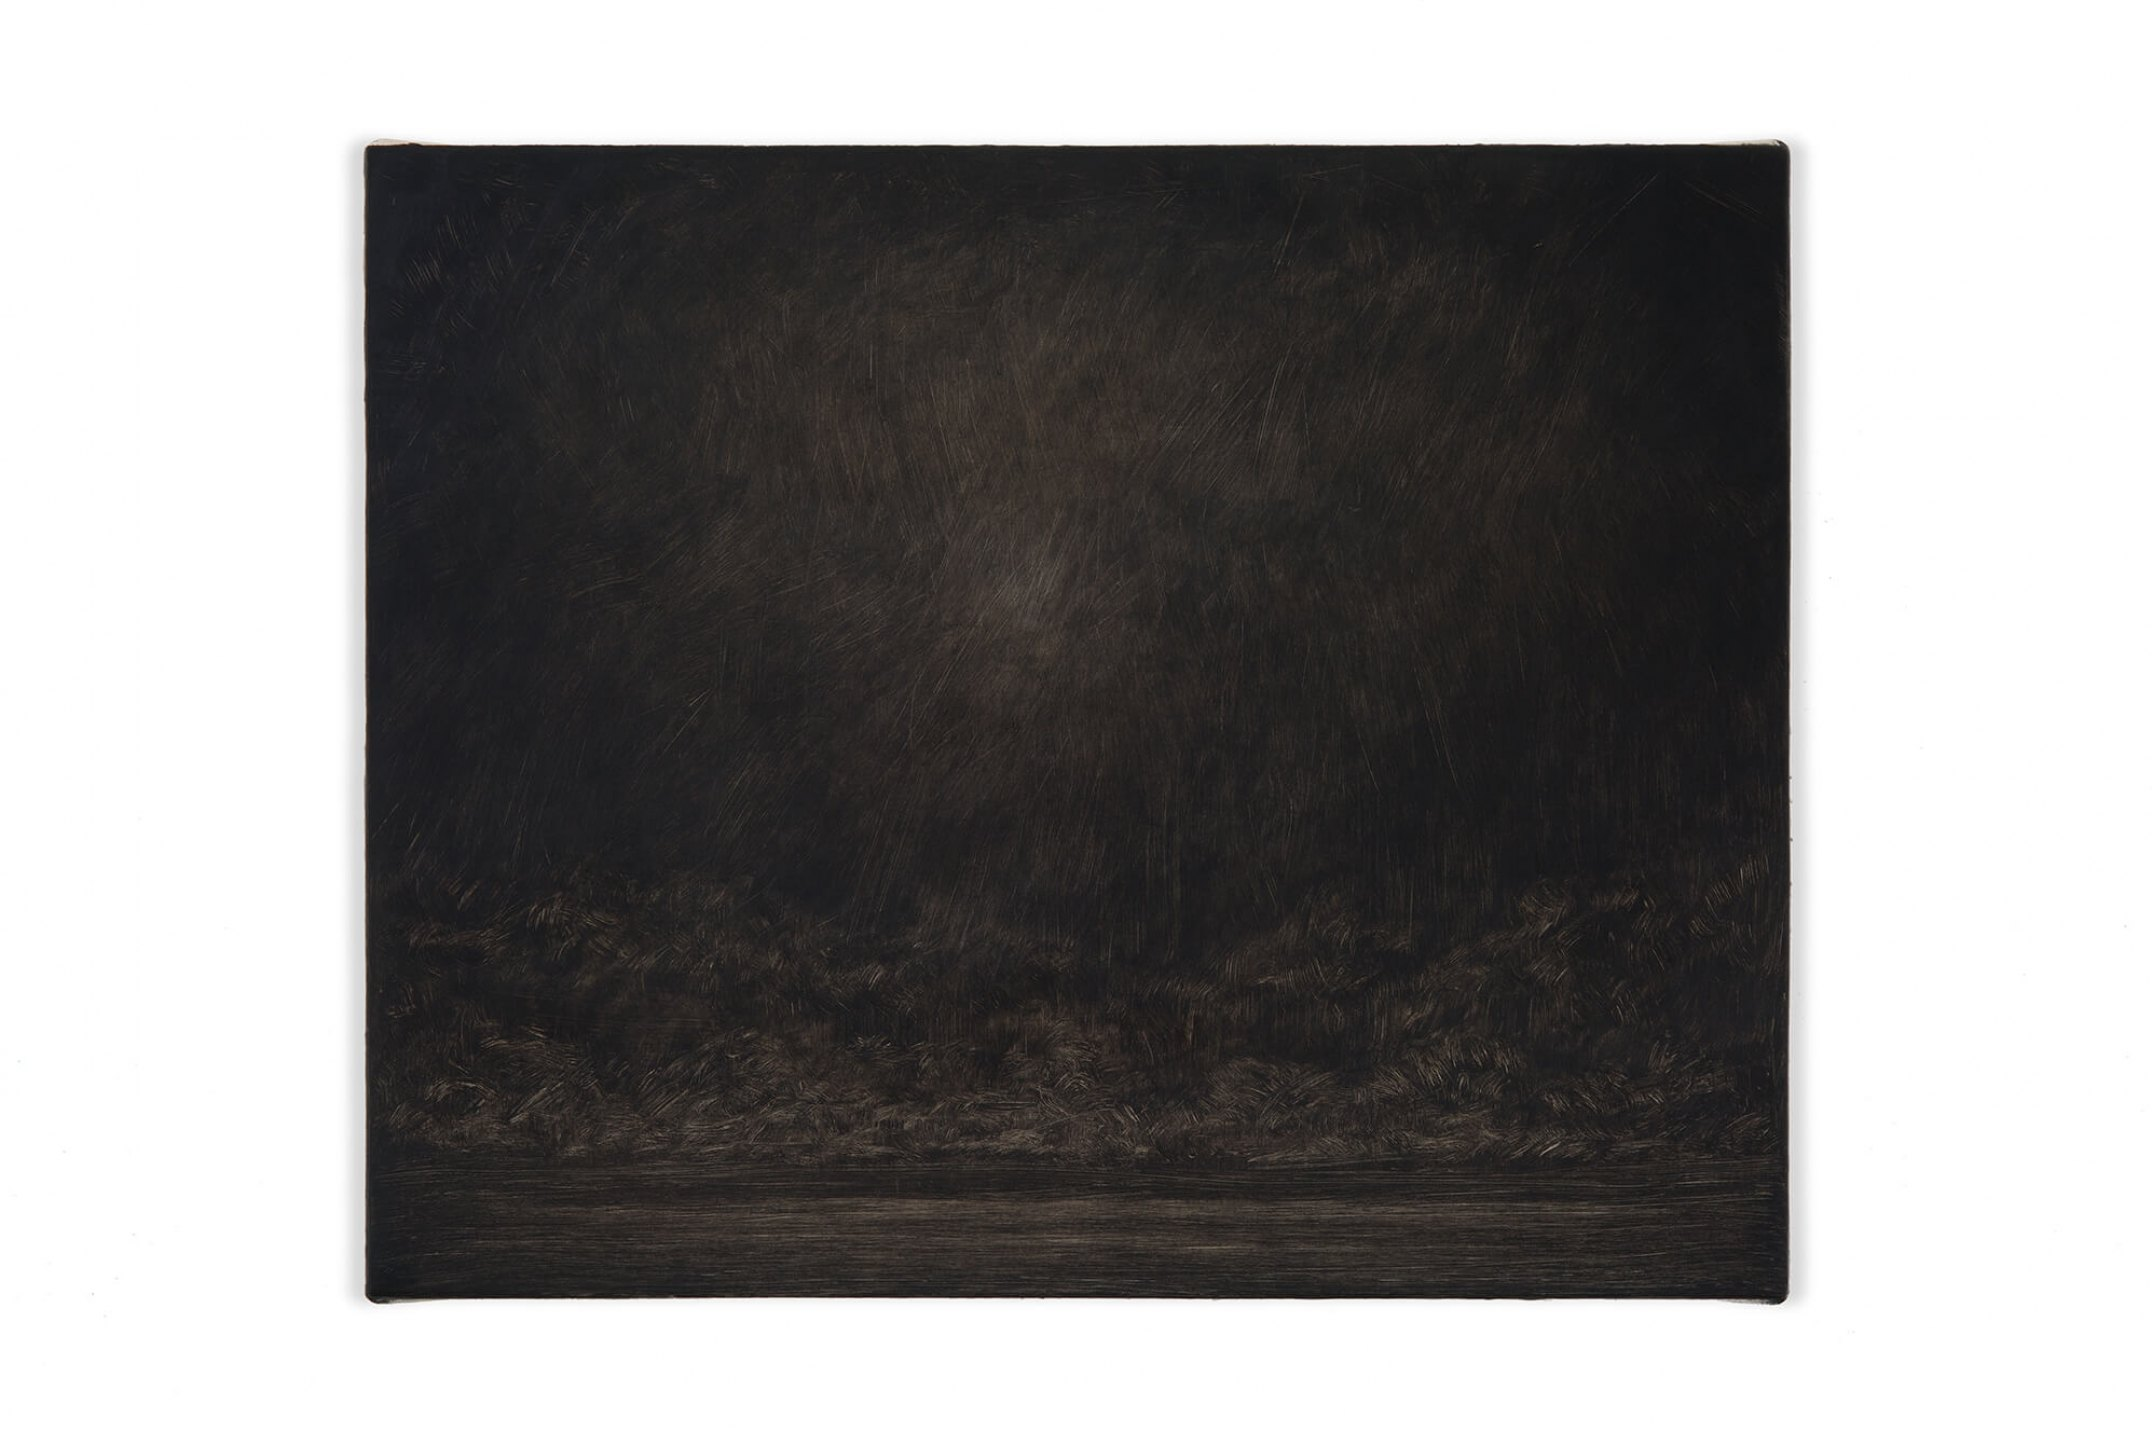 Lucas Arruda, <em>untitled</em>, 2016, oil on canvas, 30 × 37 cm - Mendes Wood DM